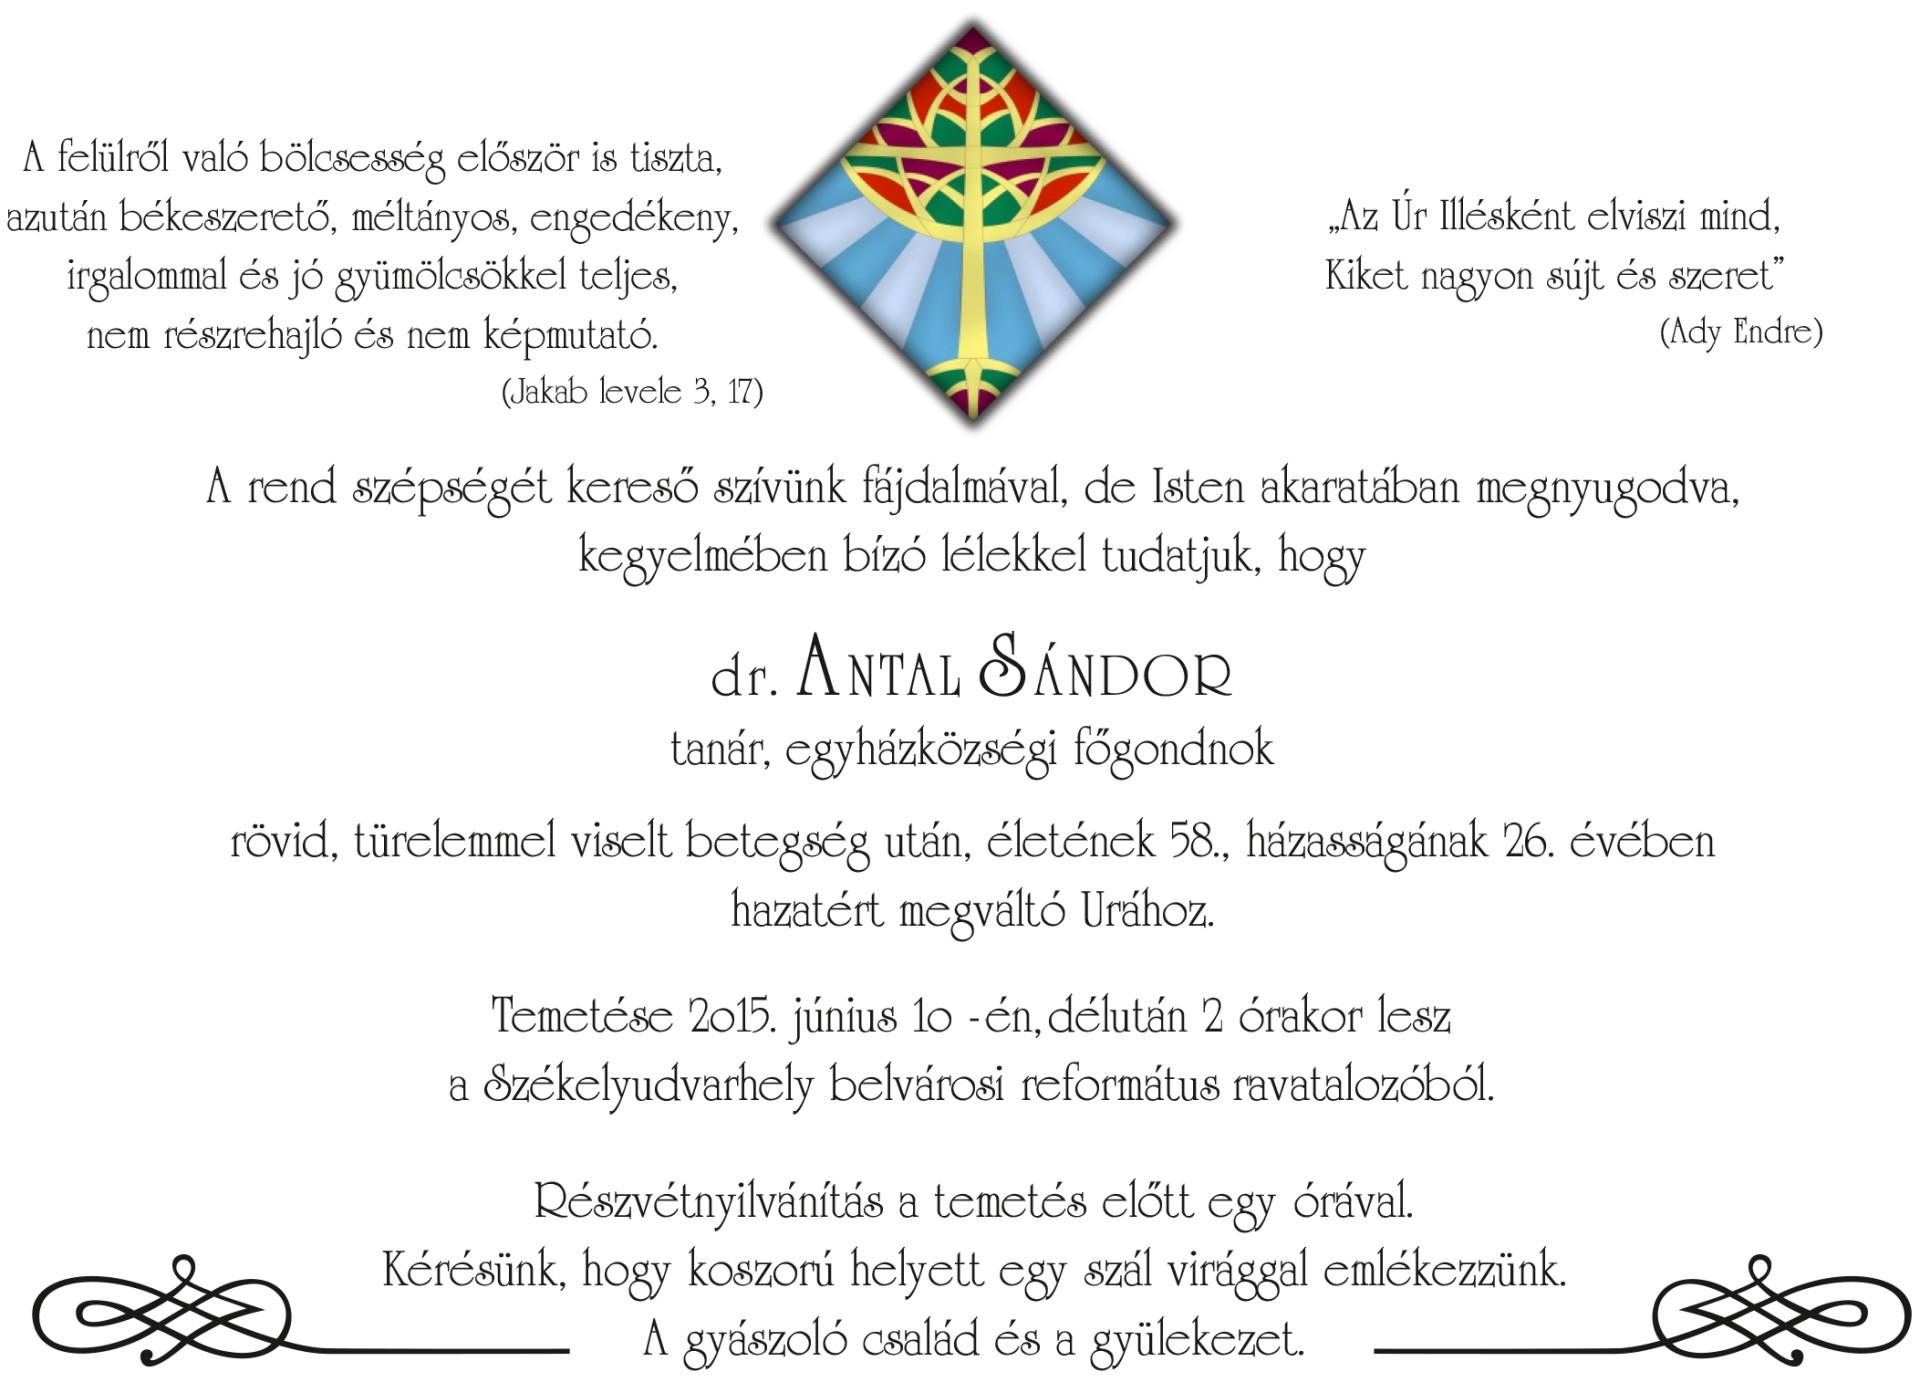 Gyászjelentés - Antal Sándor